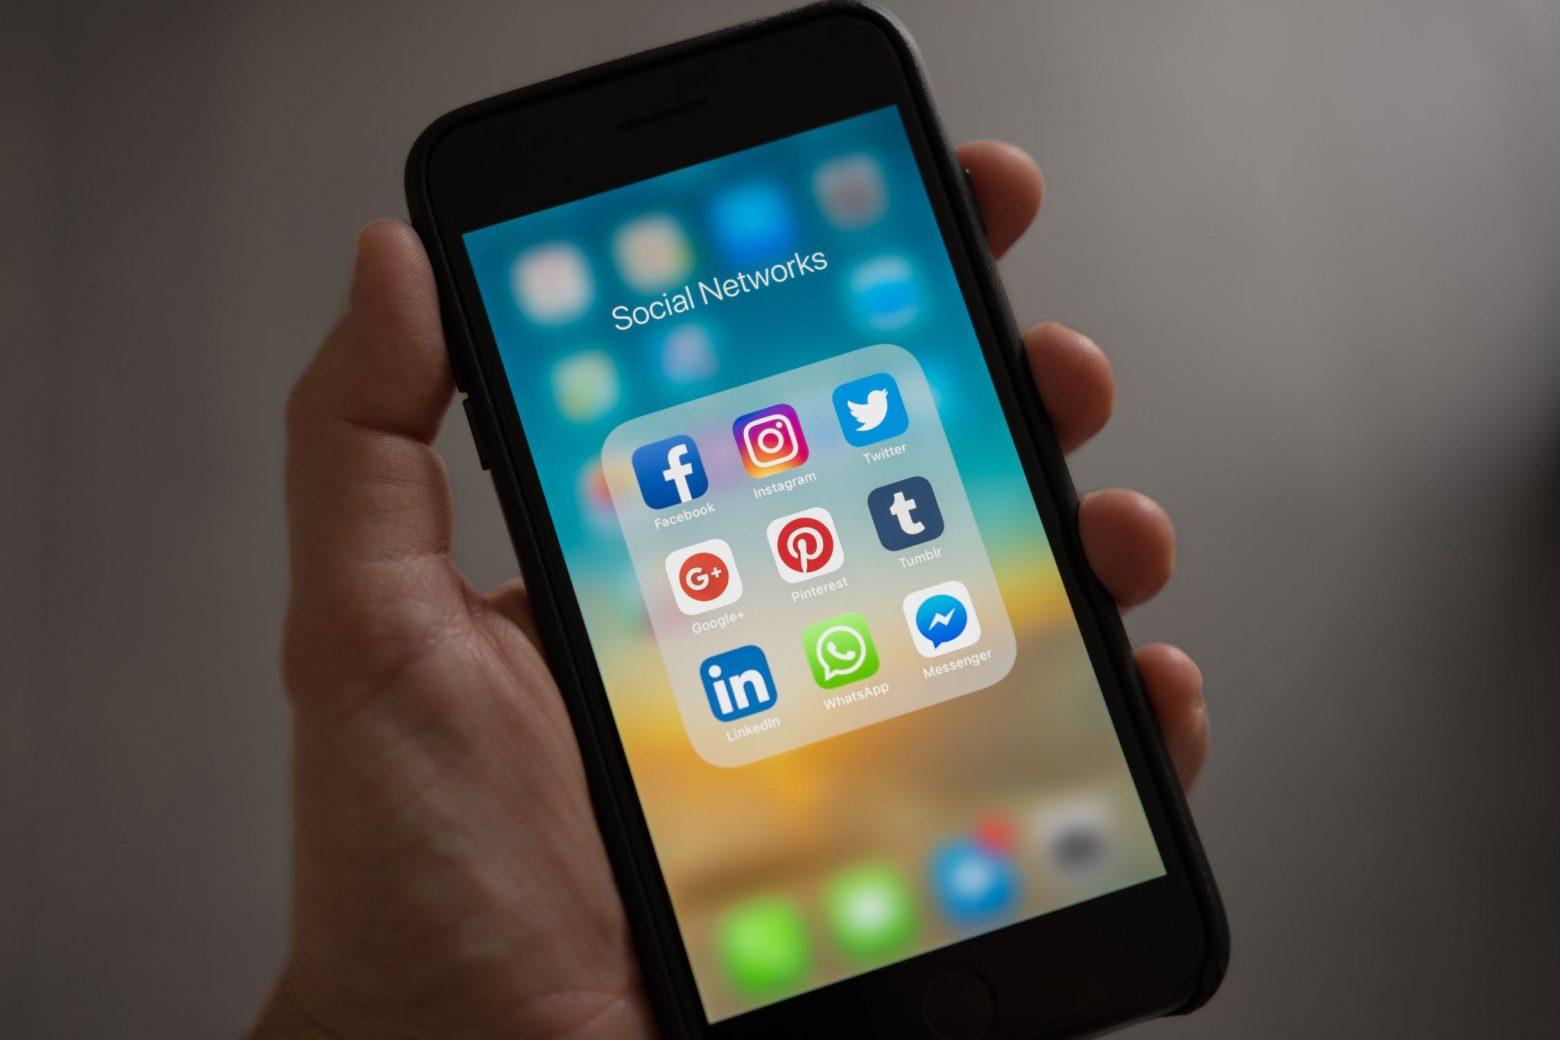 Προσοχή: Ποια κινητά θα σταματήσουν να έχουν internet το επόμενο διάστημα